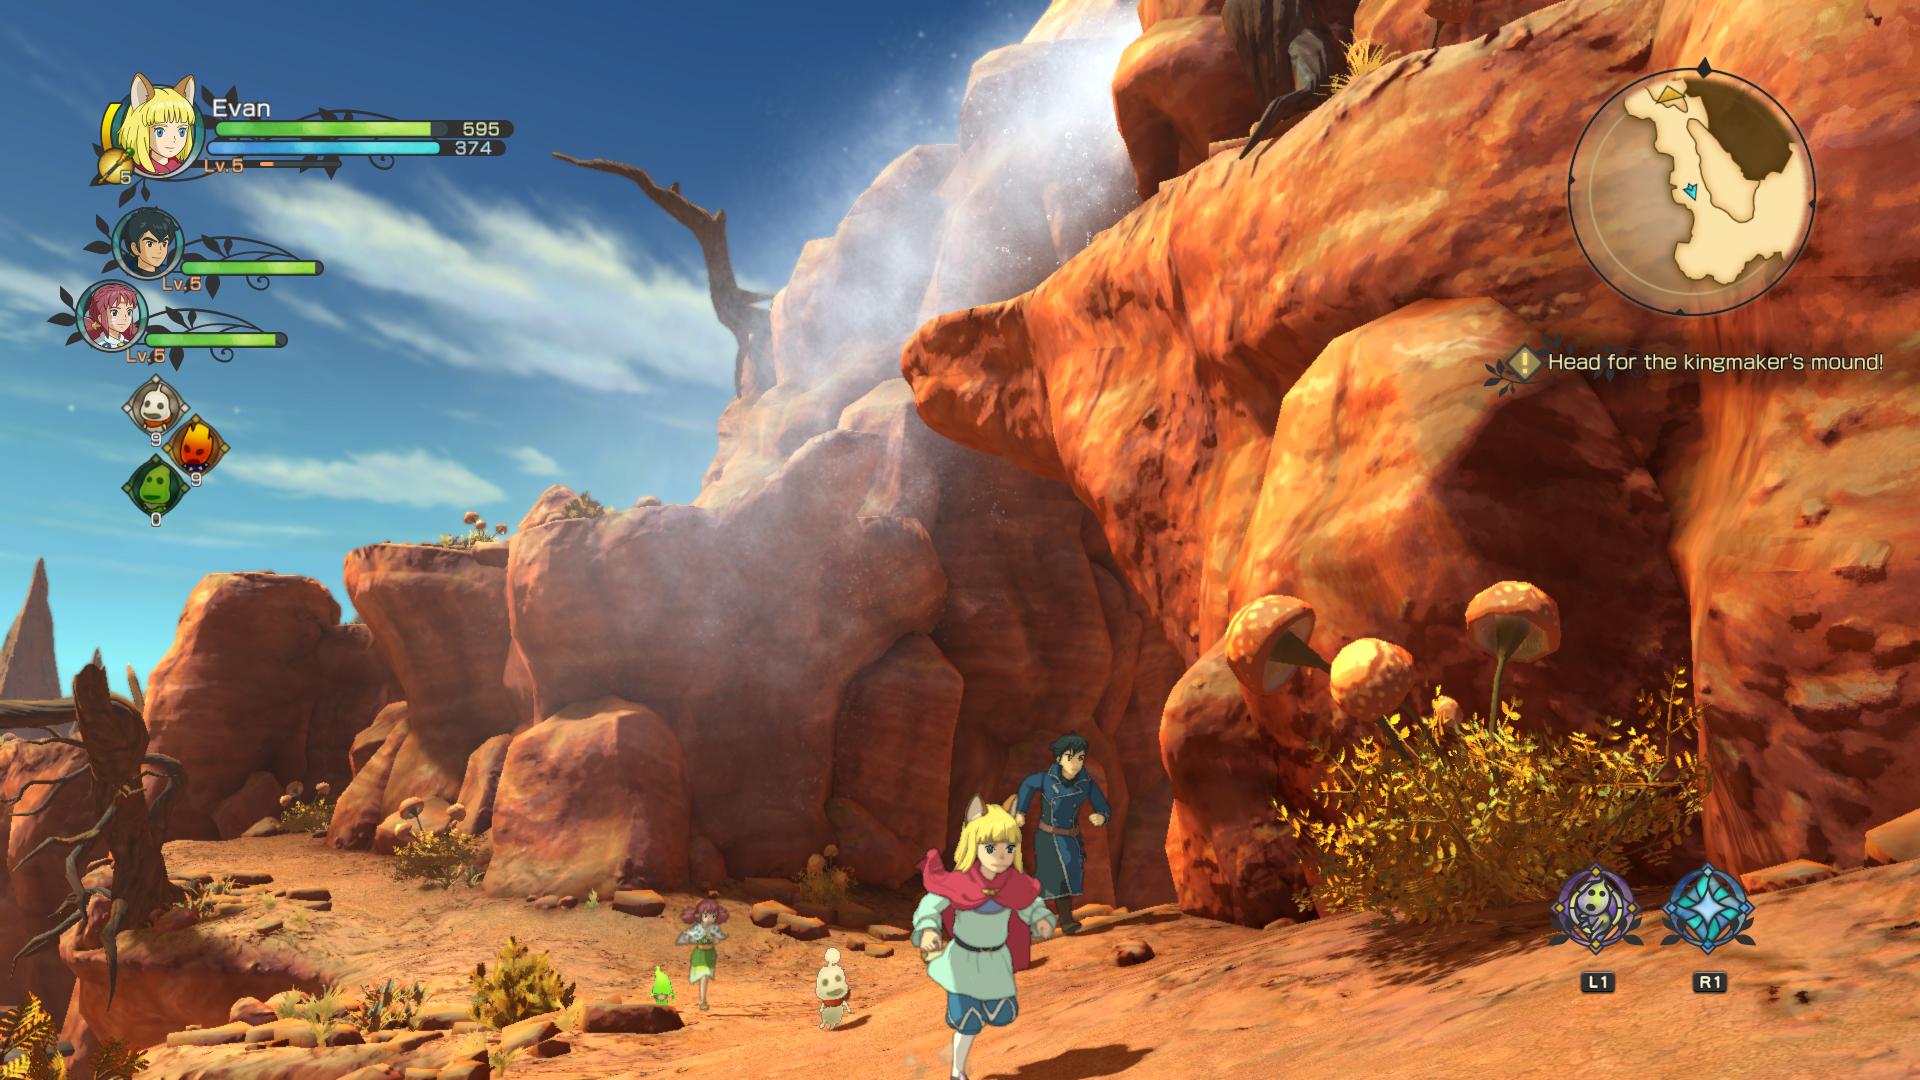 《二之国2:亡灵国度》可能登陆微软Xbox One平台